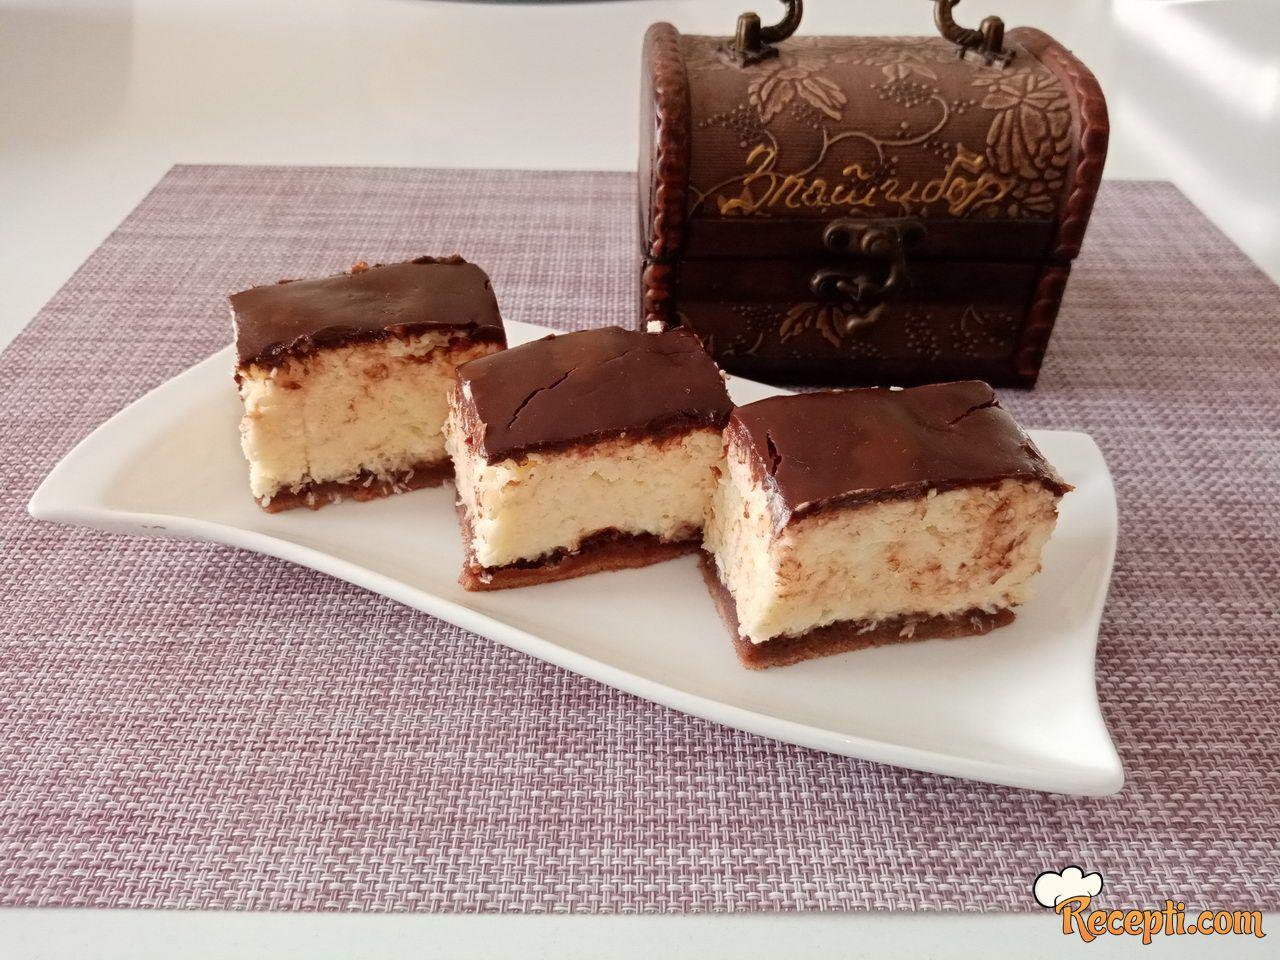 Nežni kokos kolač